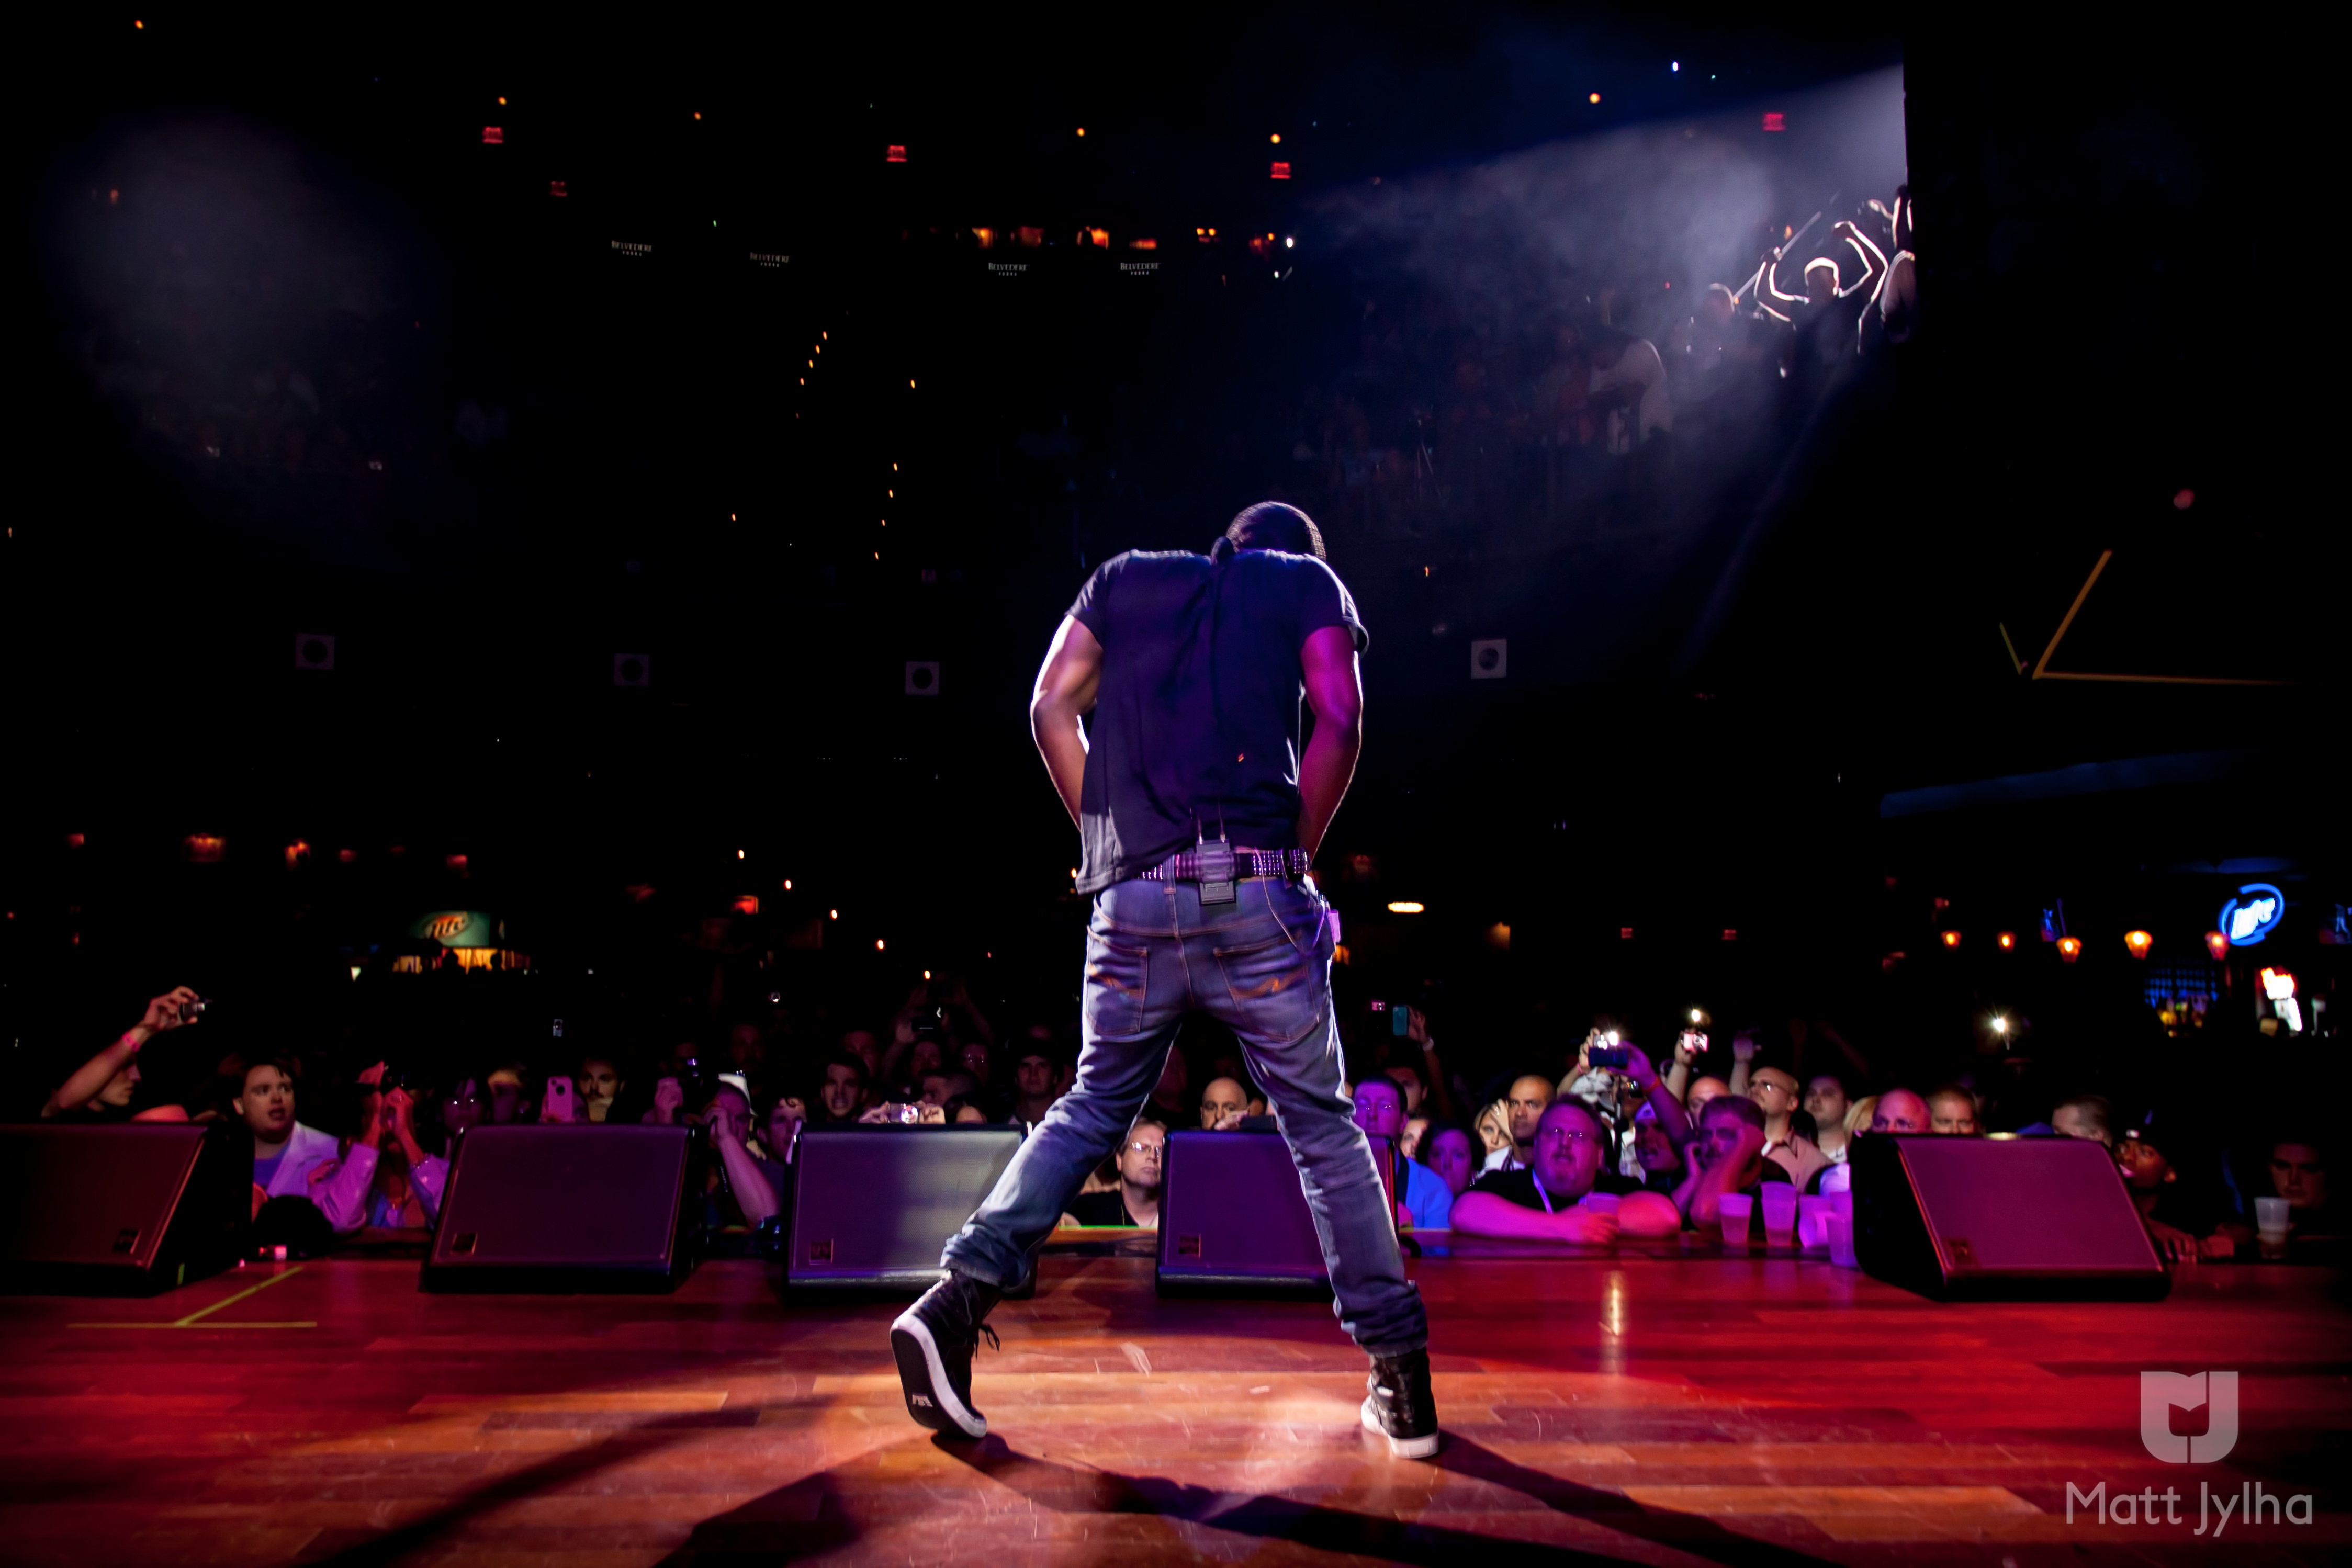 Orlando_Concert_Photographer_Matt_Jylha_056